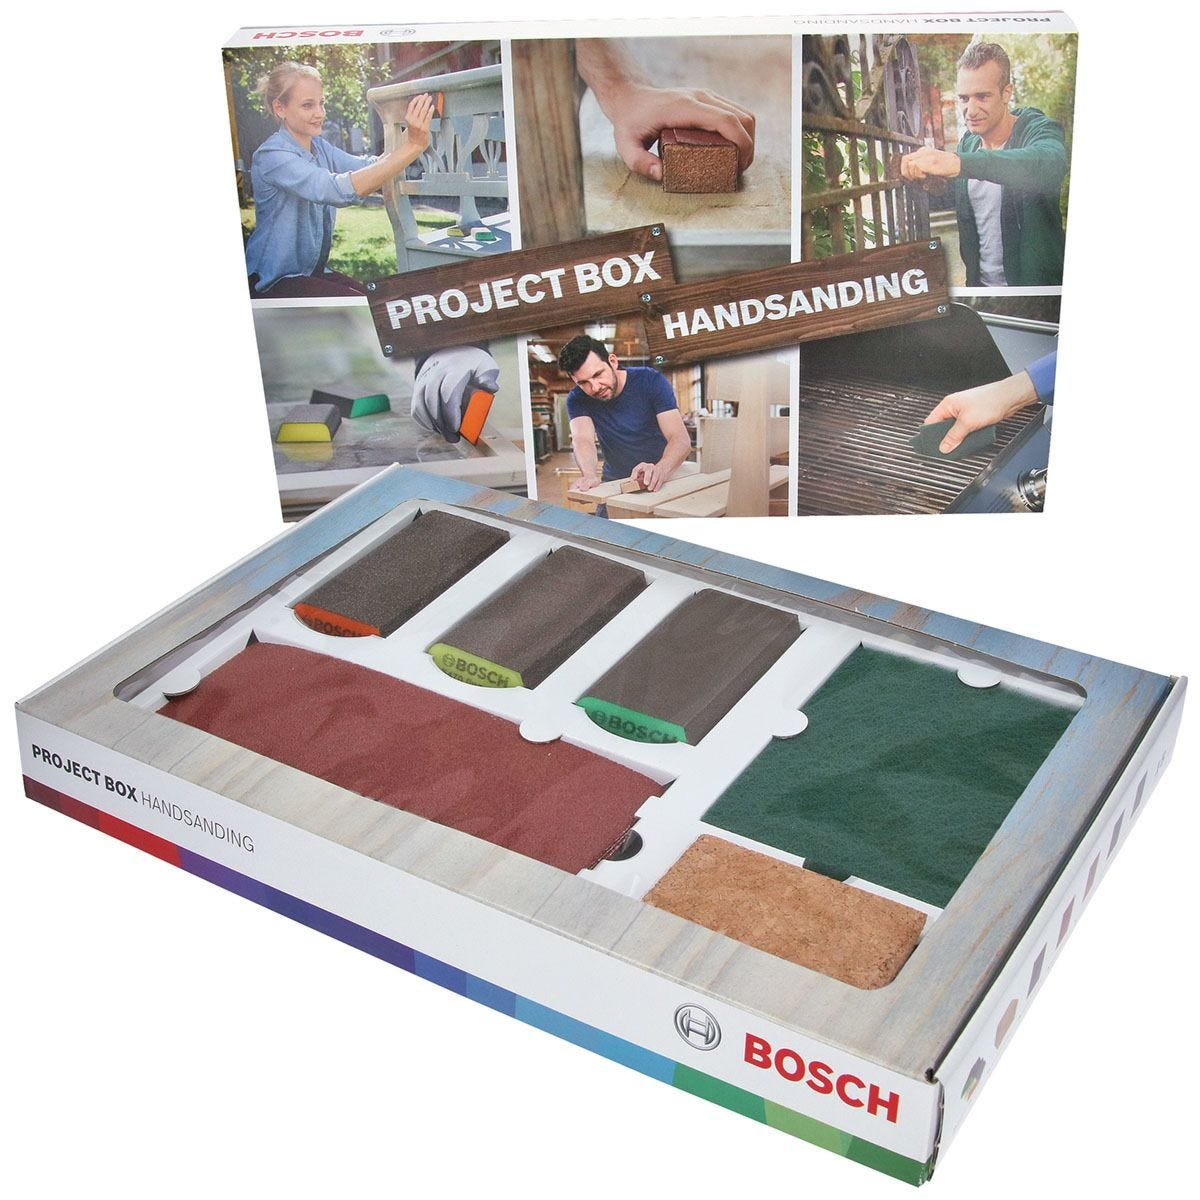 Bosch 15 Piece Hand Sanding Project Box - Green